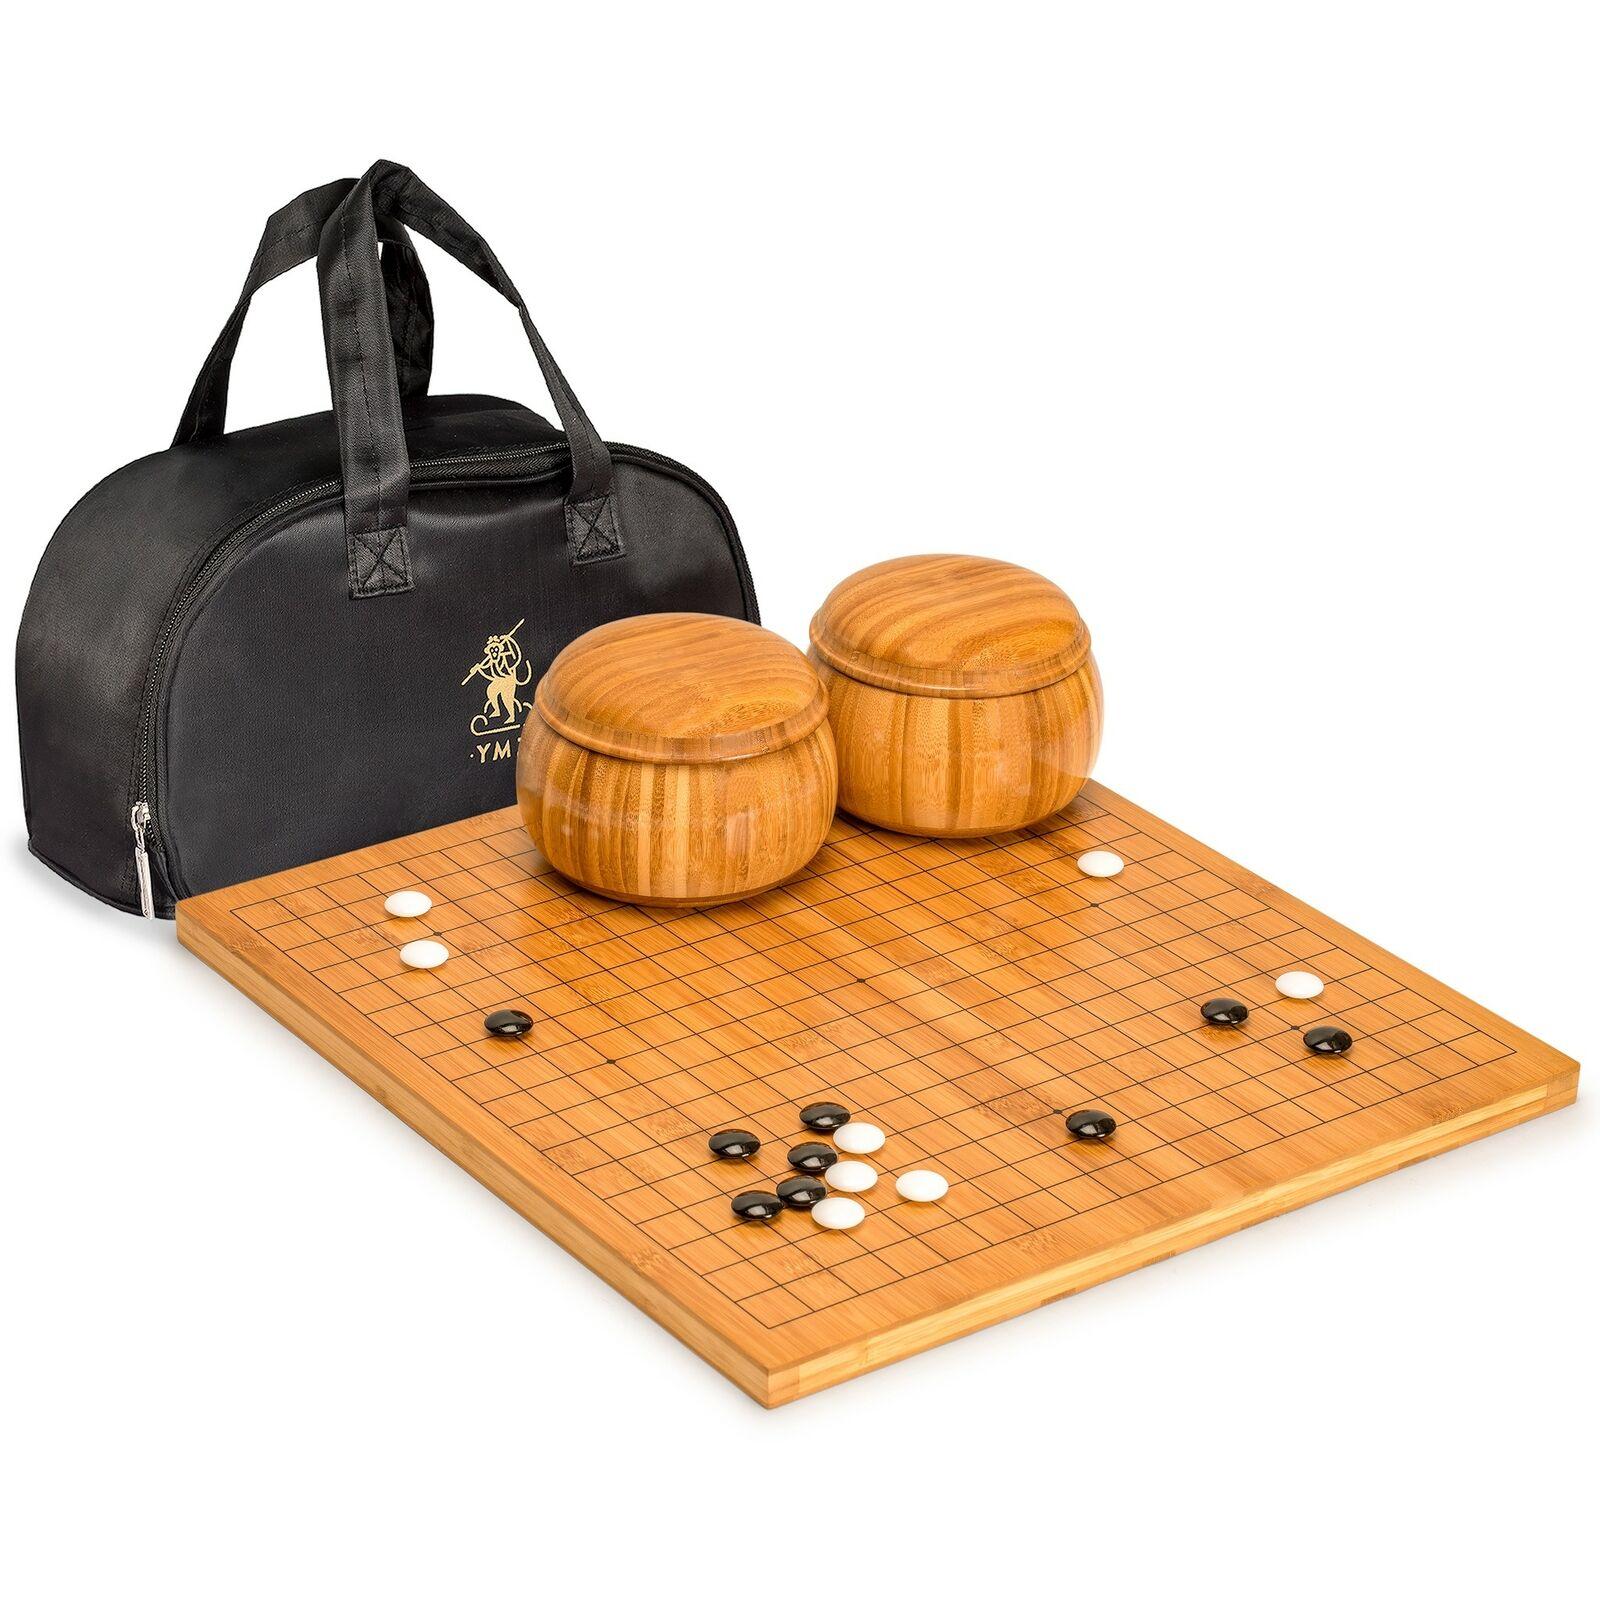 Bamboo 0.8  Go Board con piedras y tazones de melamina doble convexo set